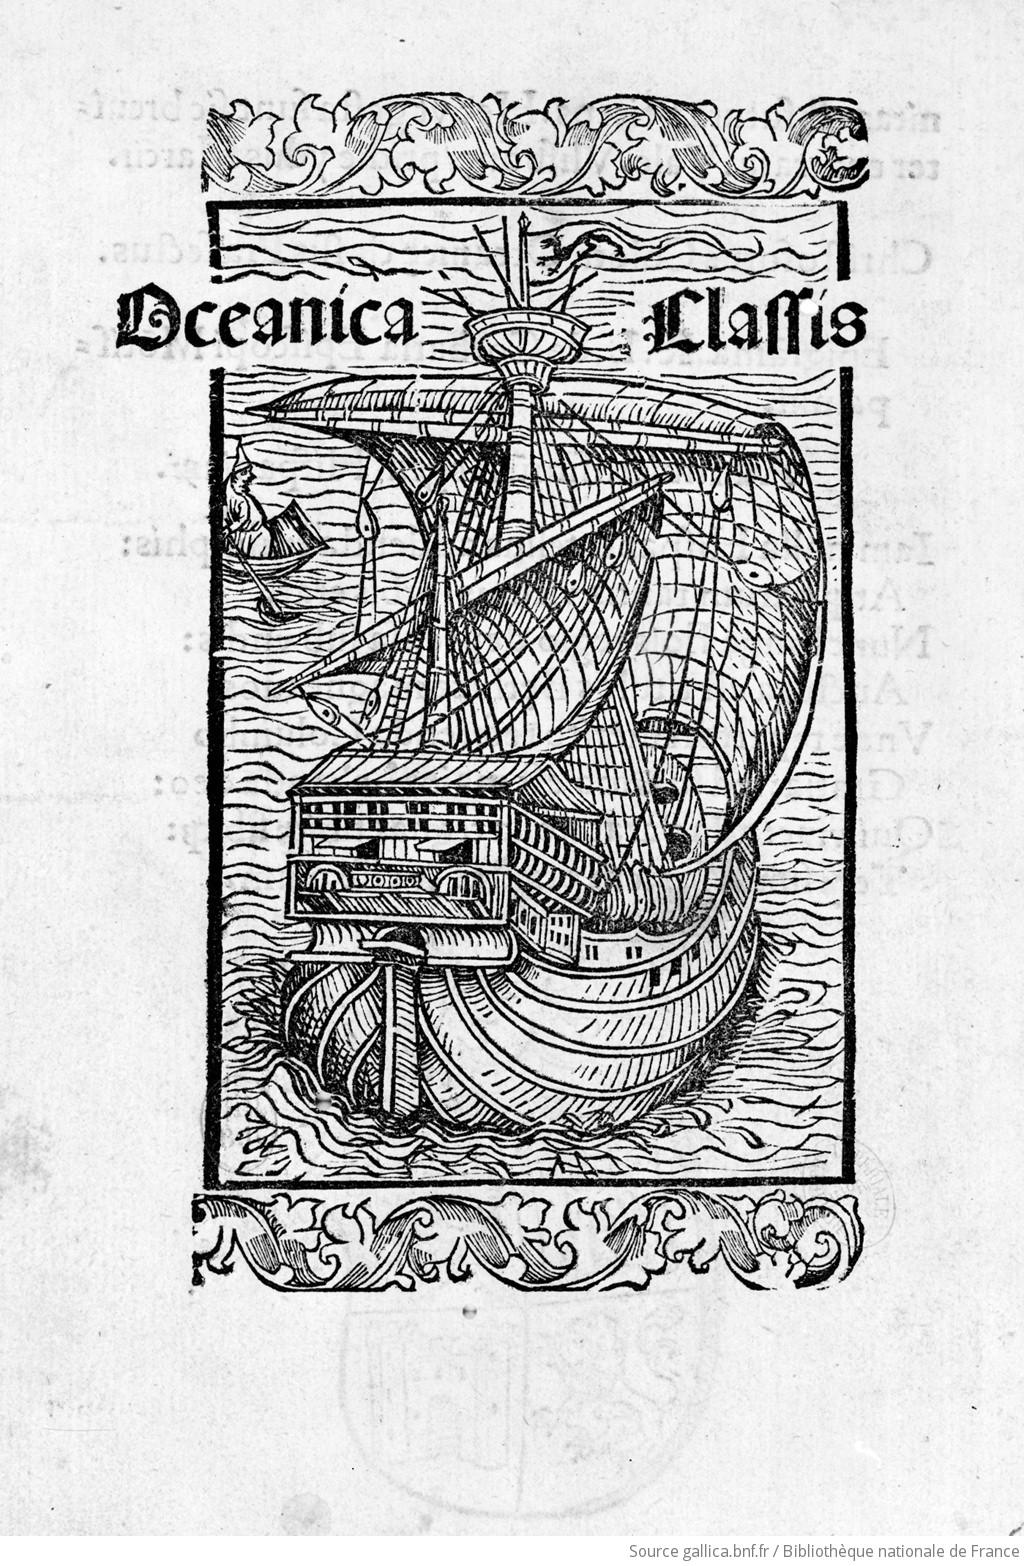 Oceanica classis